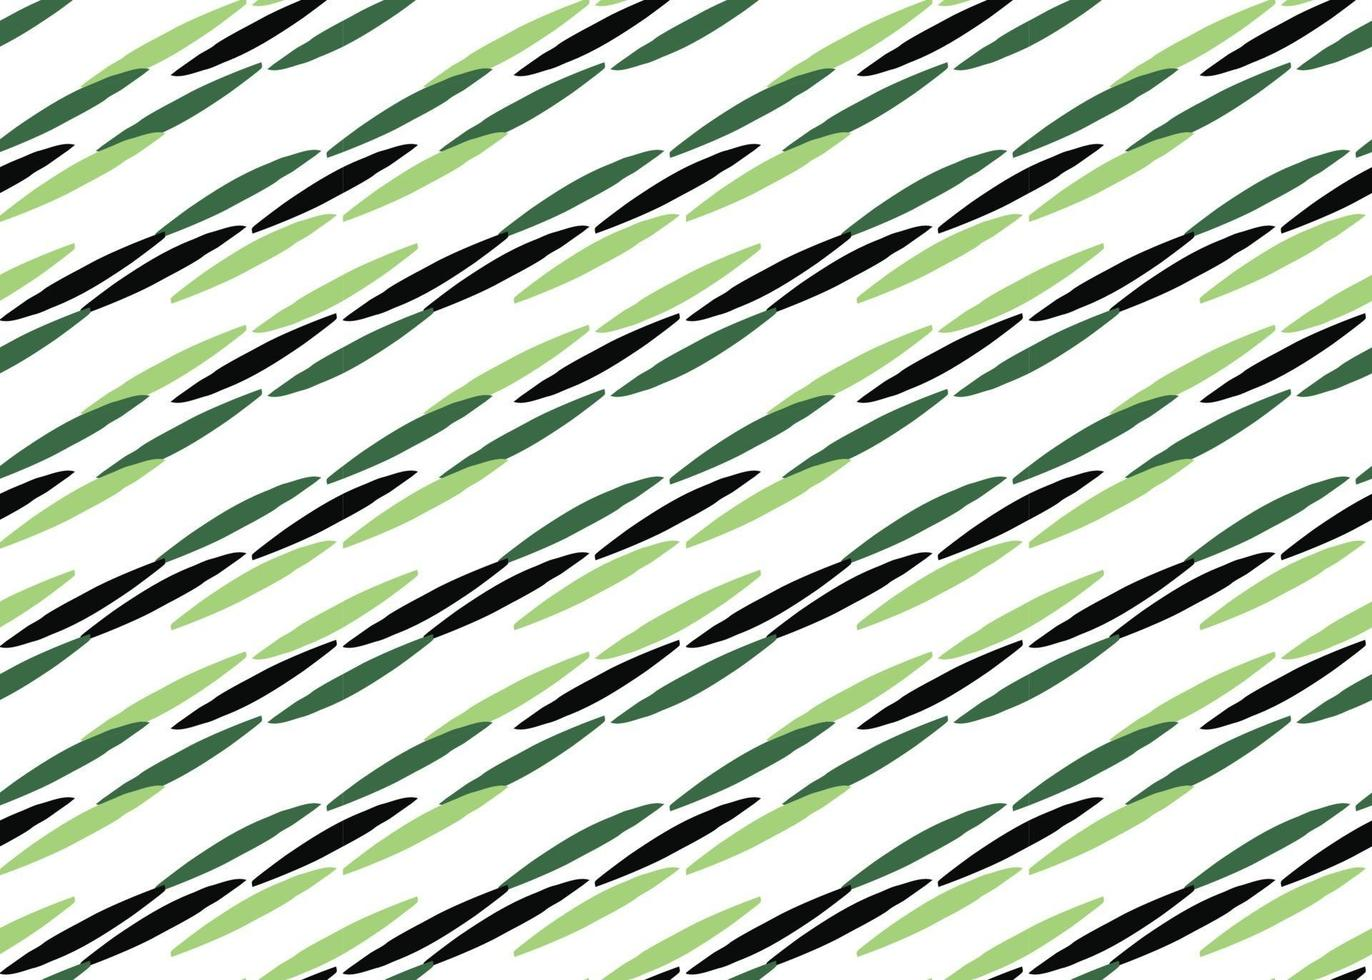 handritad, grön, svart, vit färg linjer sömlösa mönster vektor